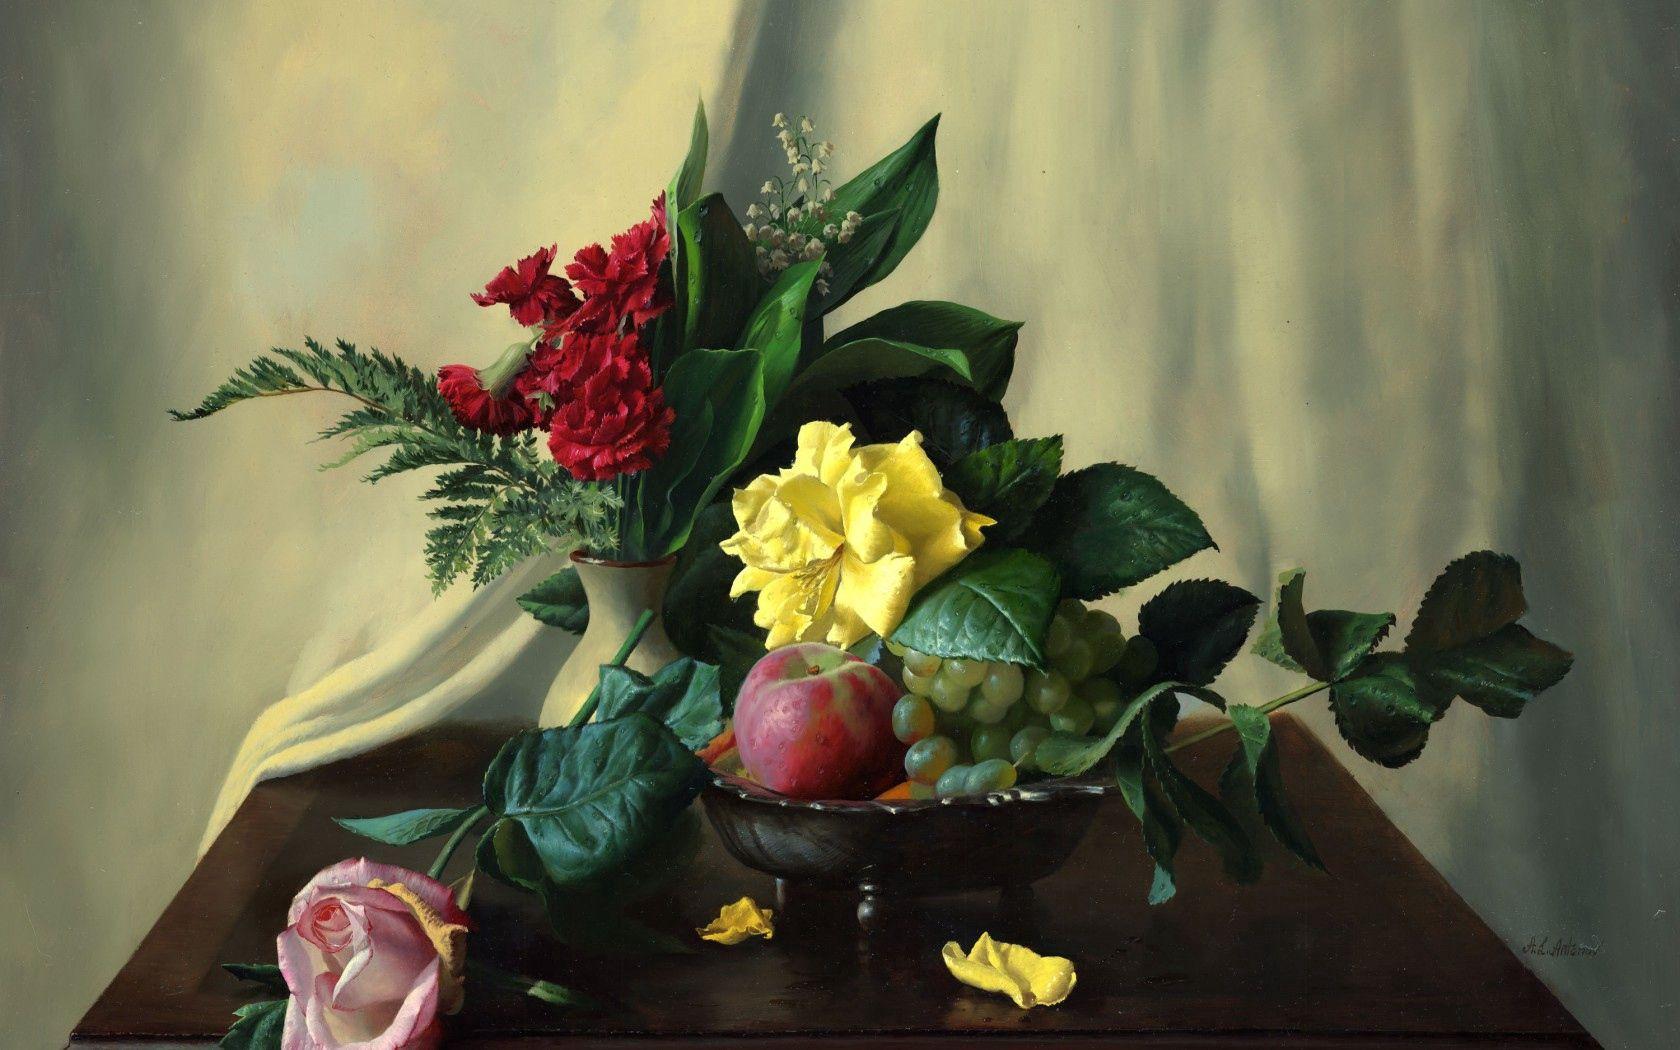 149829 免費下載壁紙 食物, 图片, 静物, 茶几, 桌子, 康乃馨, 蕨类, 铁杉, 花卉, 水果, 玫瑰, 苹果, 浆果, 铃兰 屏保和圖片